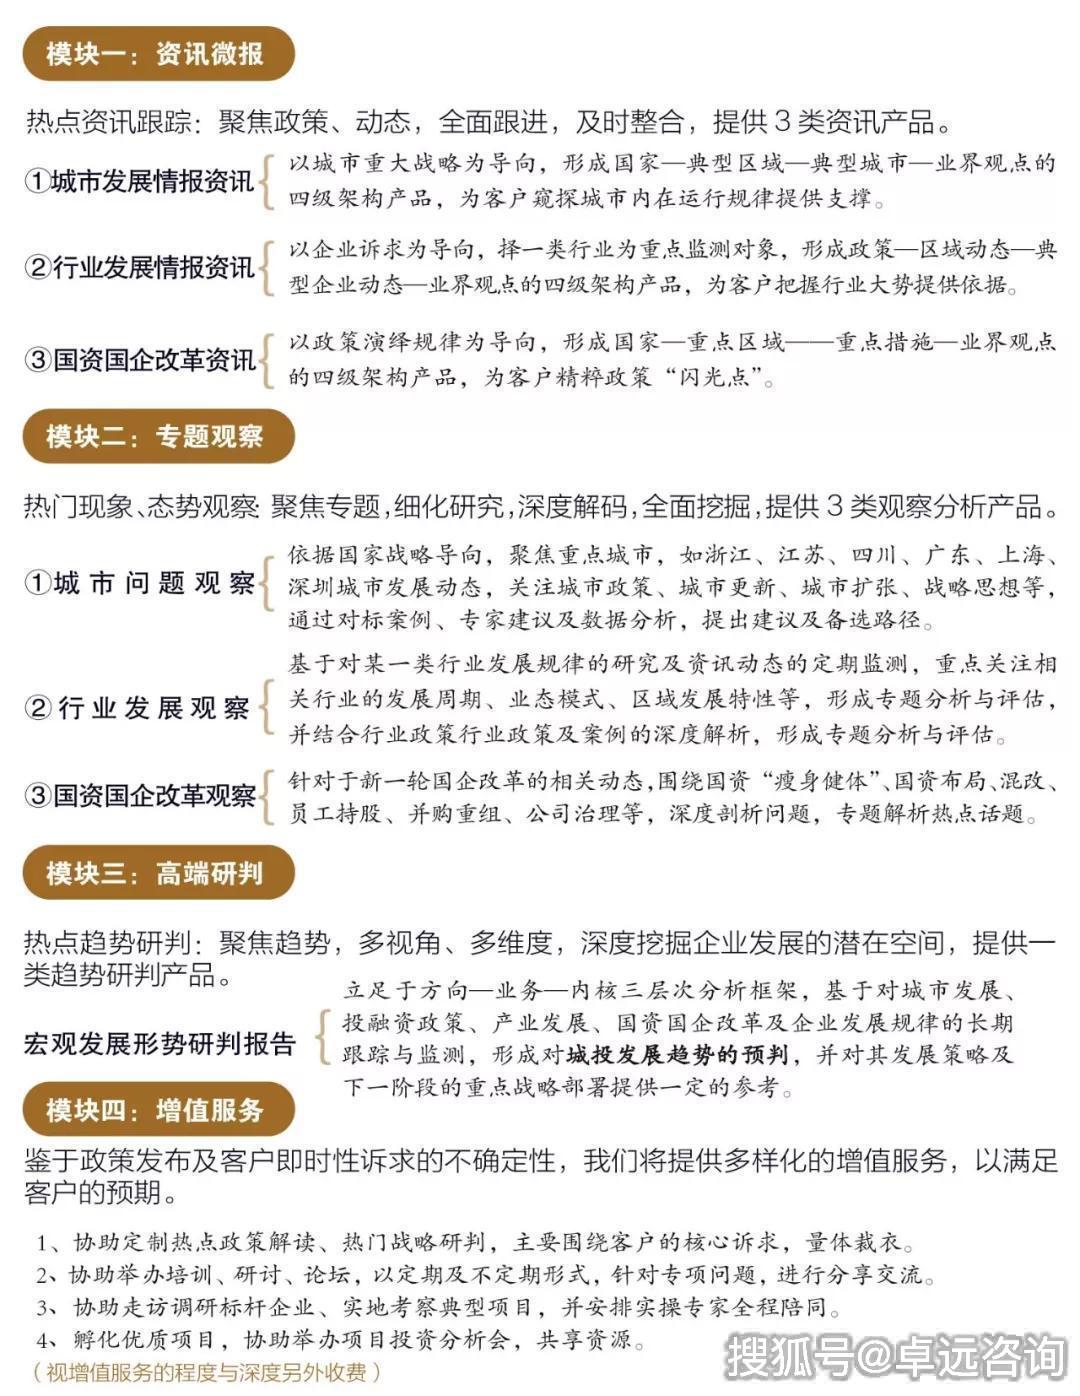 理解福利混合经济全解.ppt -max上传文档投稿赚钱-文档C2C交...